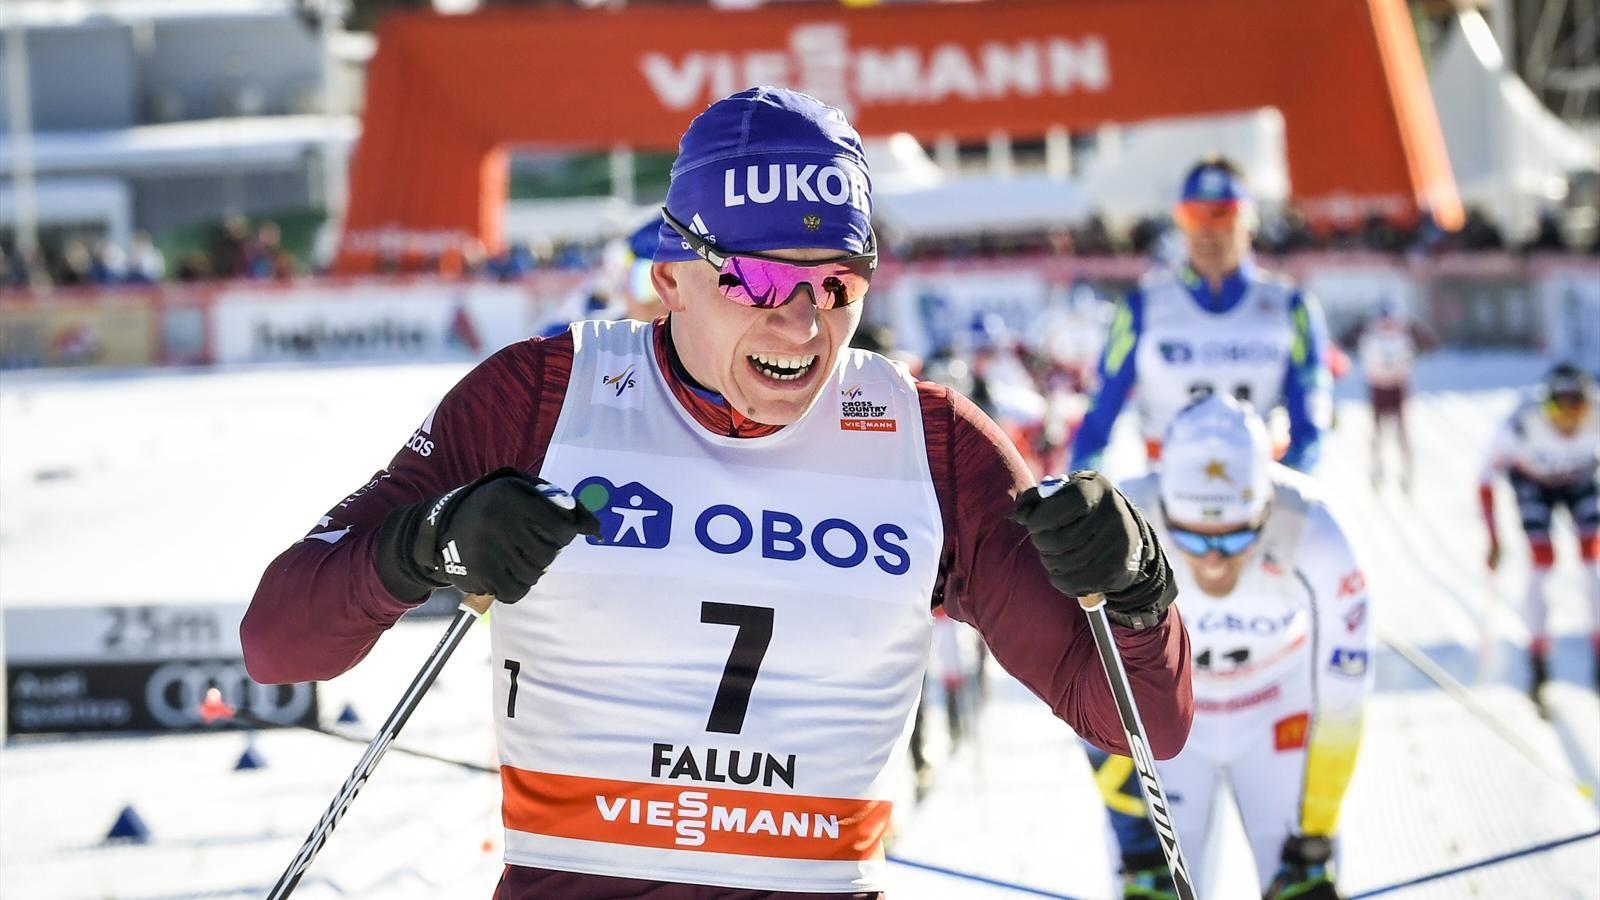 Брянский лыжник Большунов выиграл индивидуальную гонку на мировом турнире в Швеции